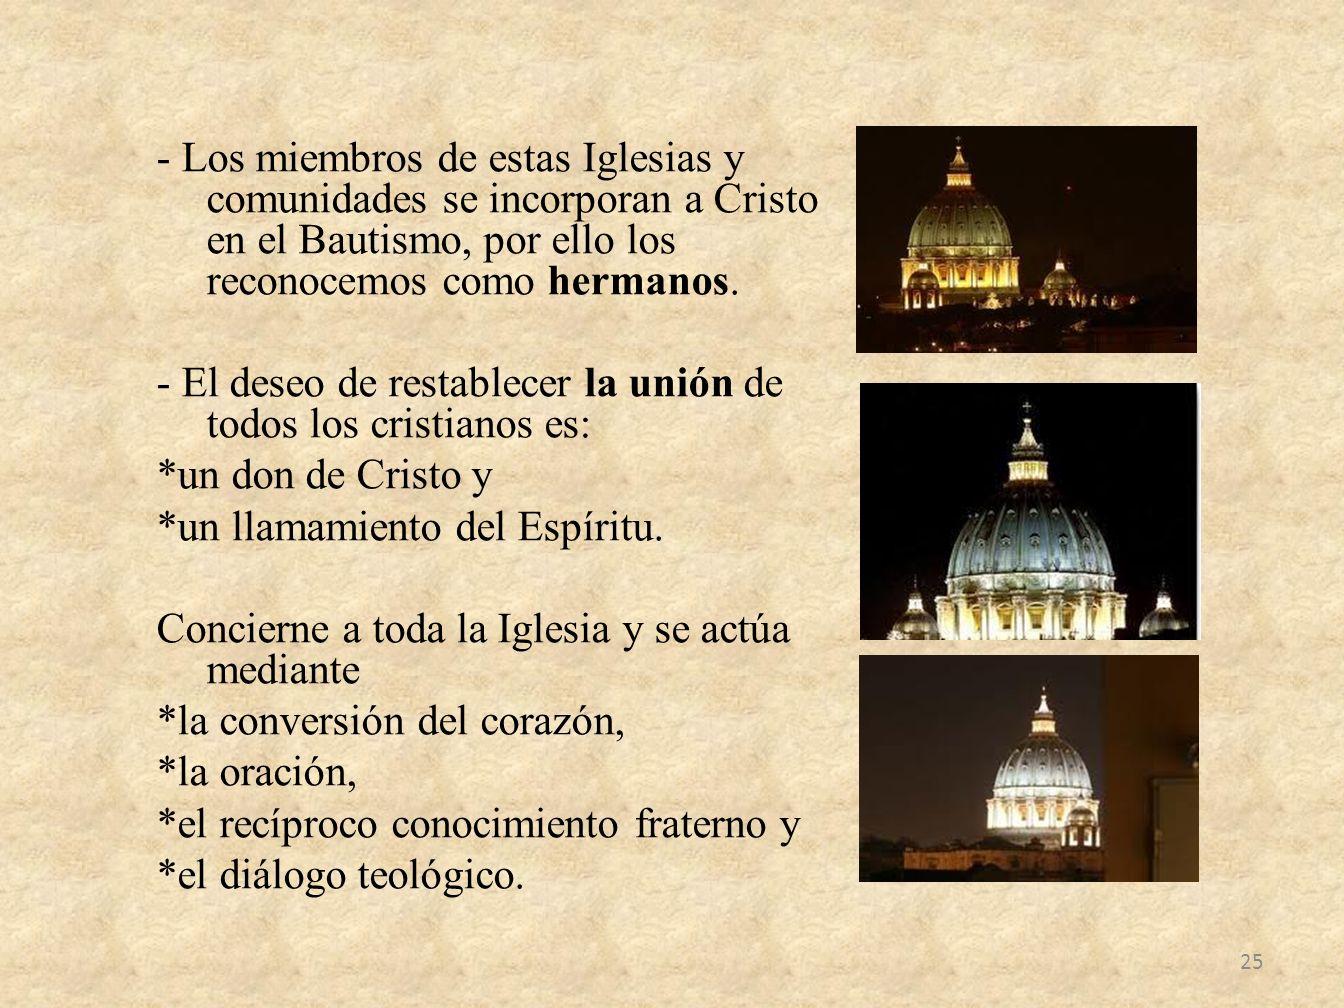 - Los miembros de estas Iglesias y comunidades se incorporan a Cristo en el Bautismo, por ello los reconocemos como hermanos.